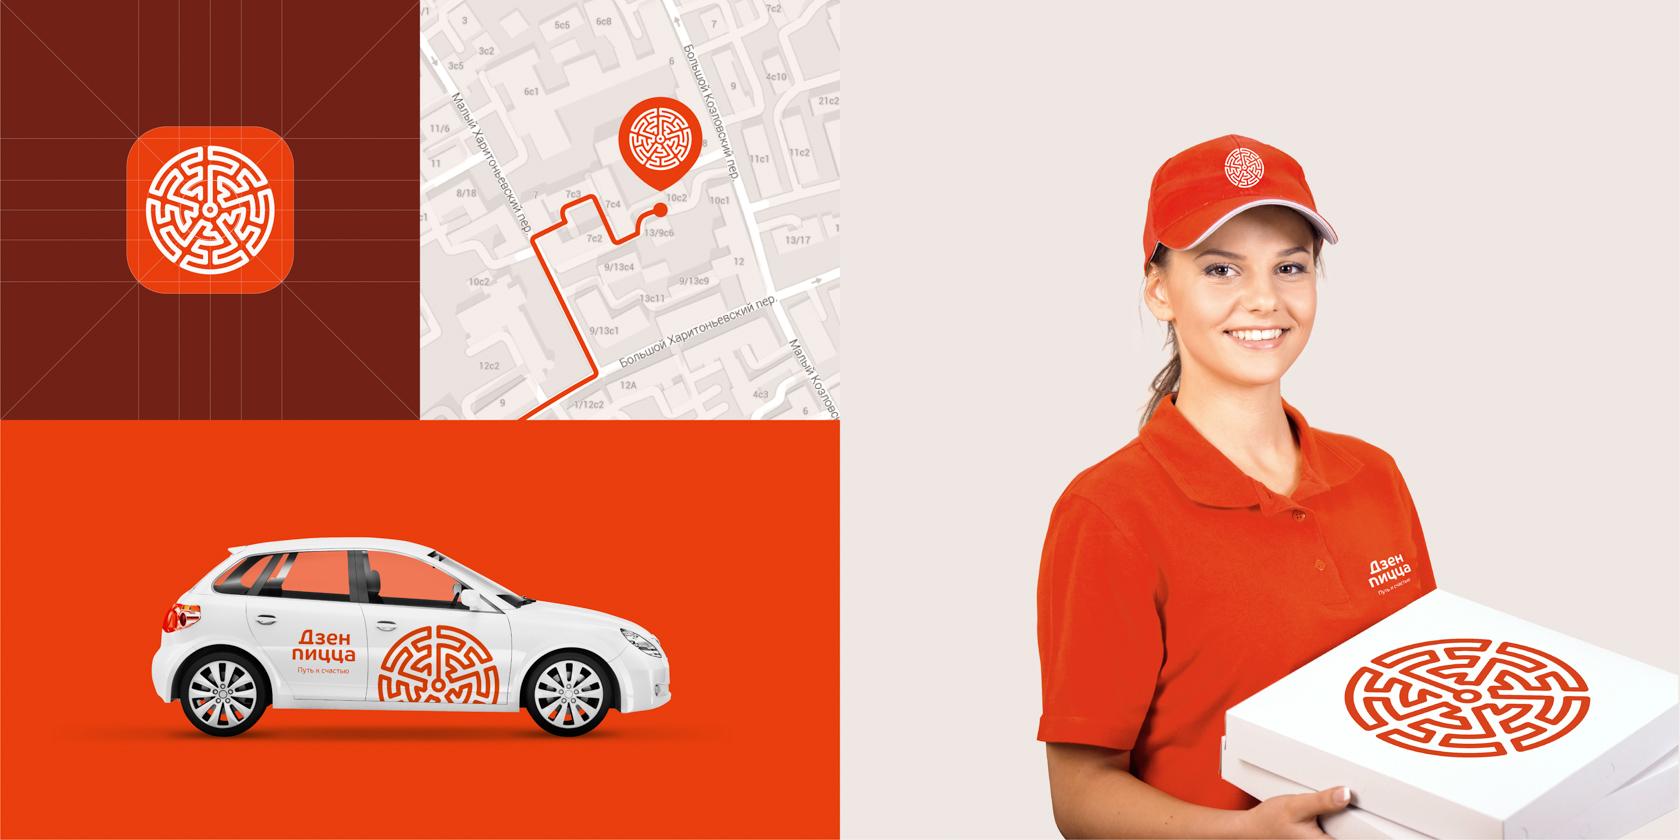 Фирменный автомобиль, иконка приложения, одежда сотрудника, упаковка